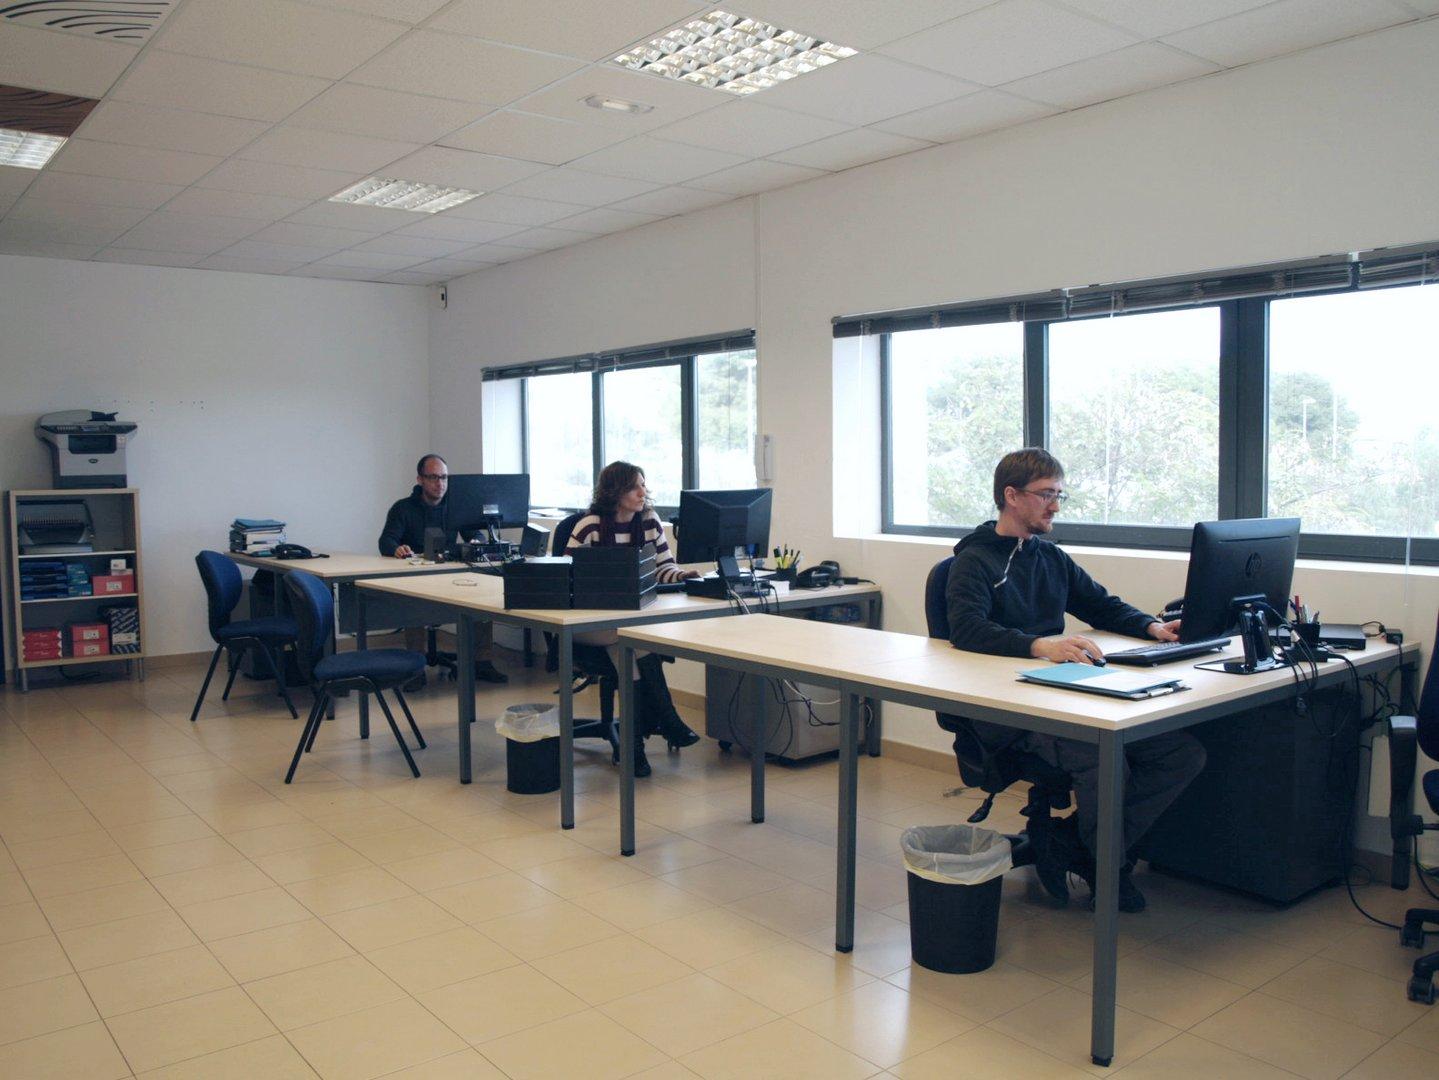 Materiales Acusticos equipo tecnico oficinas